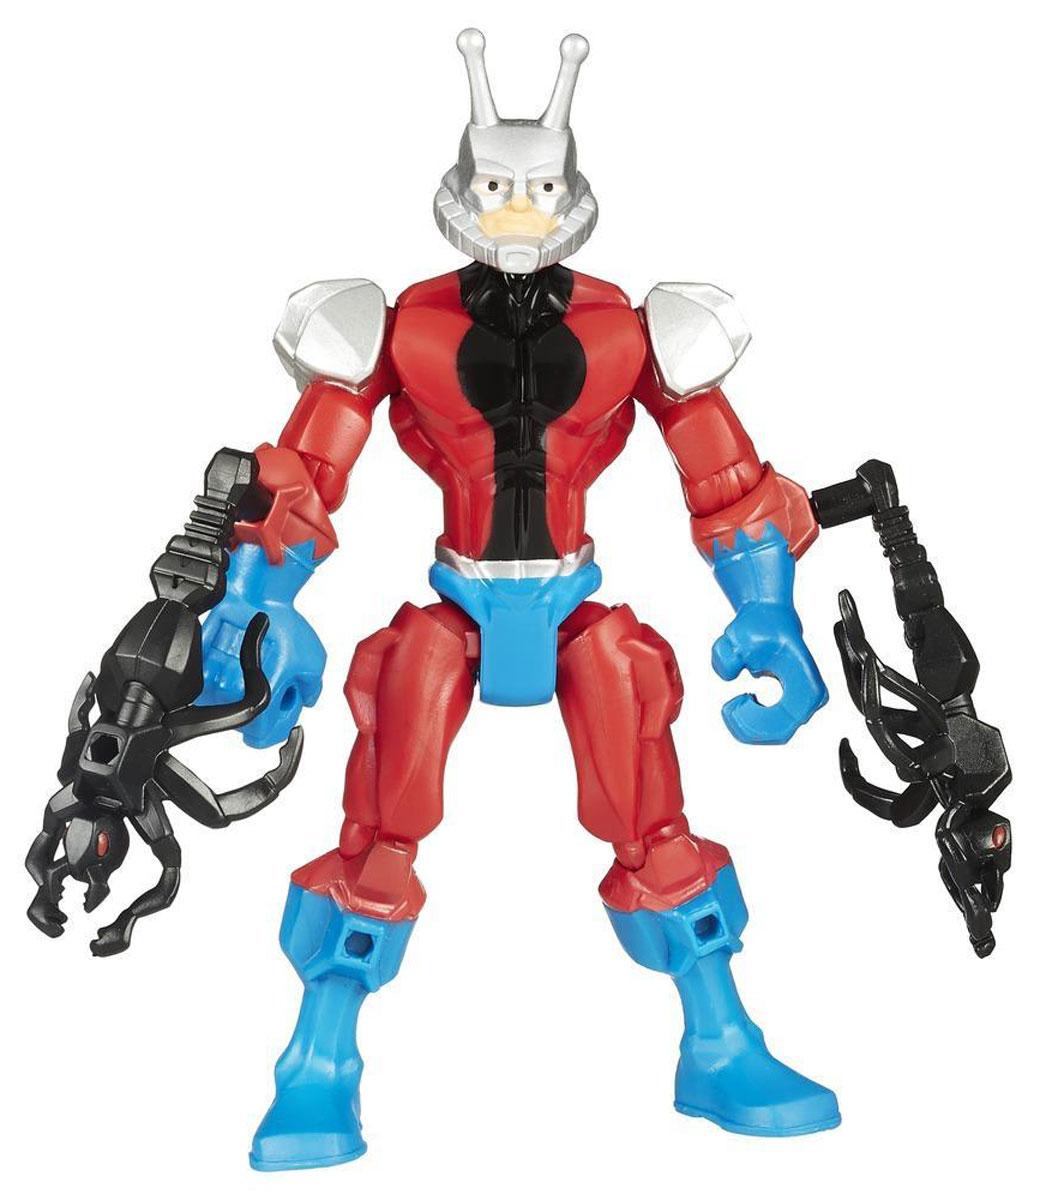 Hero Mashers Разборная фигурка Ant-manA6825EU4_B0877Разборная фигурка Super Hero Mashers Ant-man обязательно понравится любому маленькому поклоннику супергероя! Она выполнена из прочного пластика в виде грозного Человека-муравья. Руки и ноги отделяются от корпуса. В комплект входят фигурка героя с оружием в виде черных муравьев. Собрав коллекцию фигурок от Hasbro, вы сможете создать своего супергероя, объединяя способности разных героев комиксов Marvel. Все элементы обладают единым способом крепления, что позволяет создавать различные комбинации. Ребенок с удовольствием будет играть с фигуркой, придумывая разные истории. Порадуйте его таким замечательным подарком!